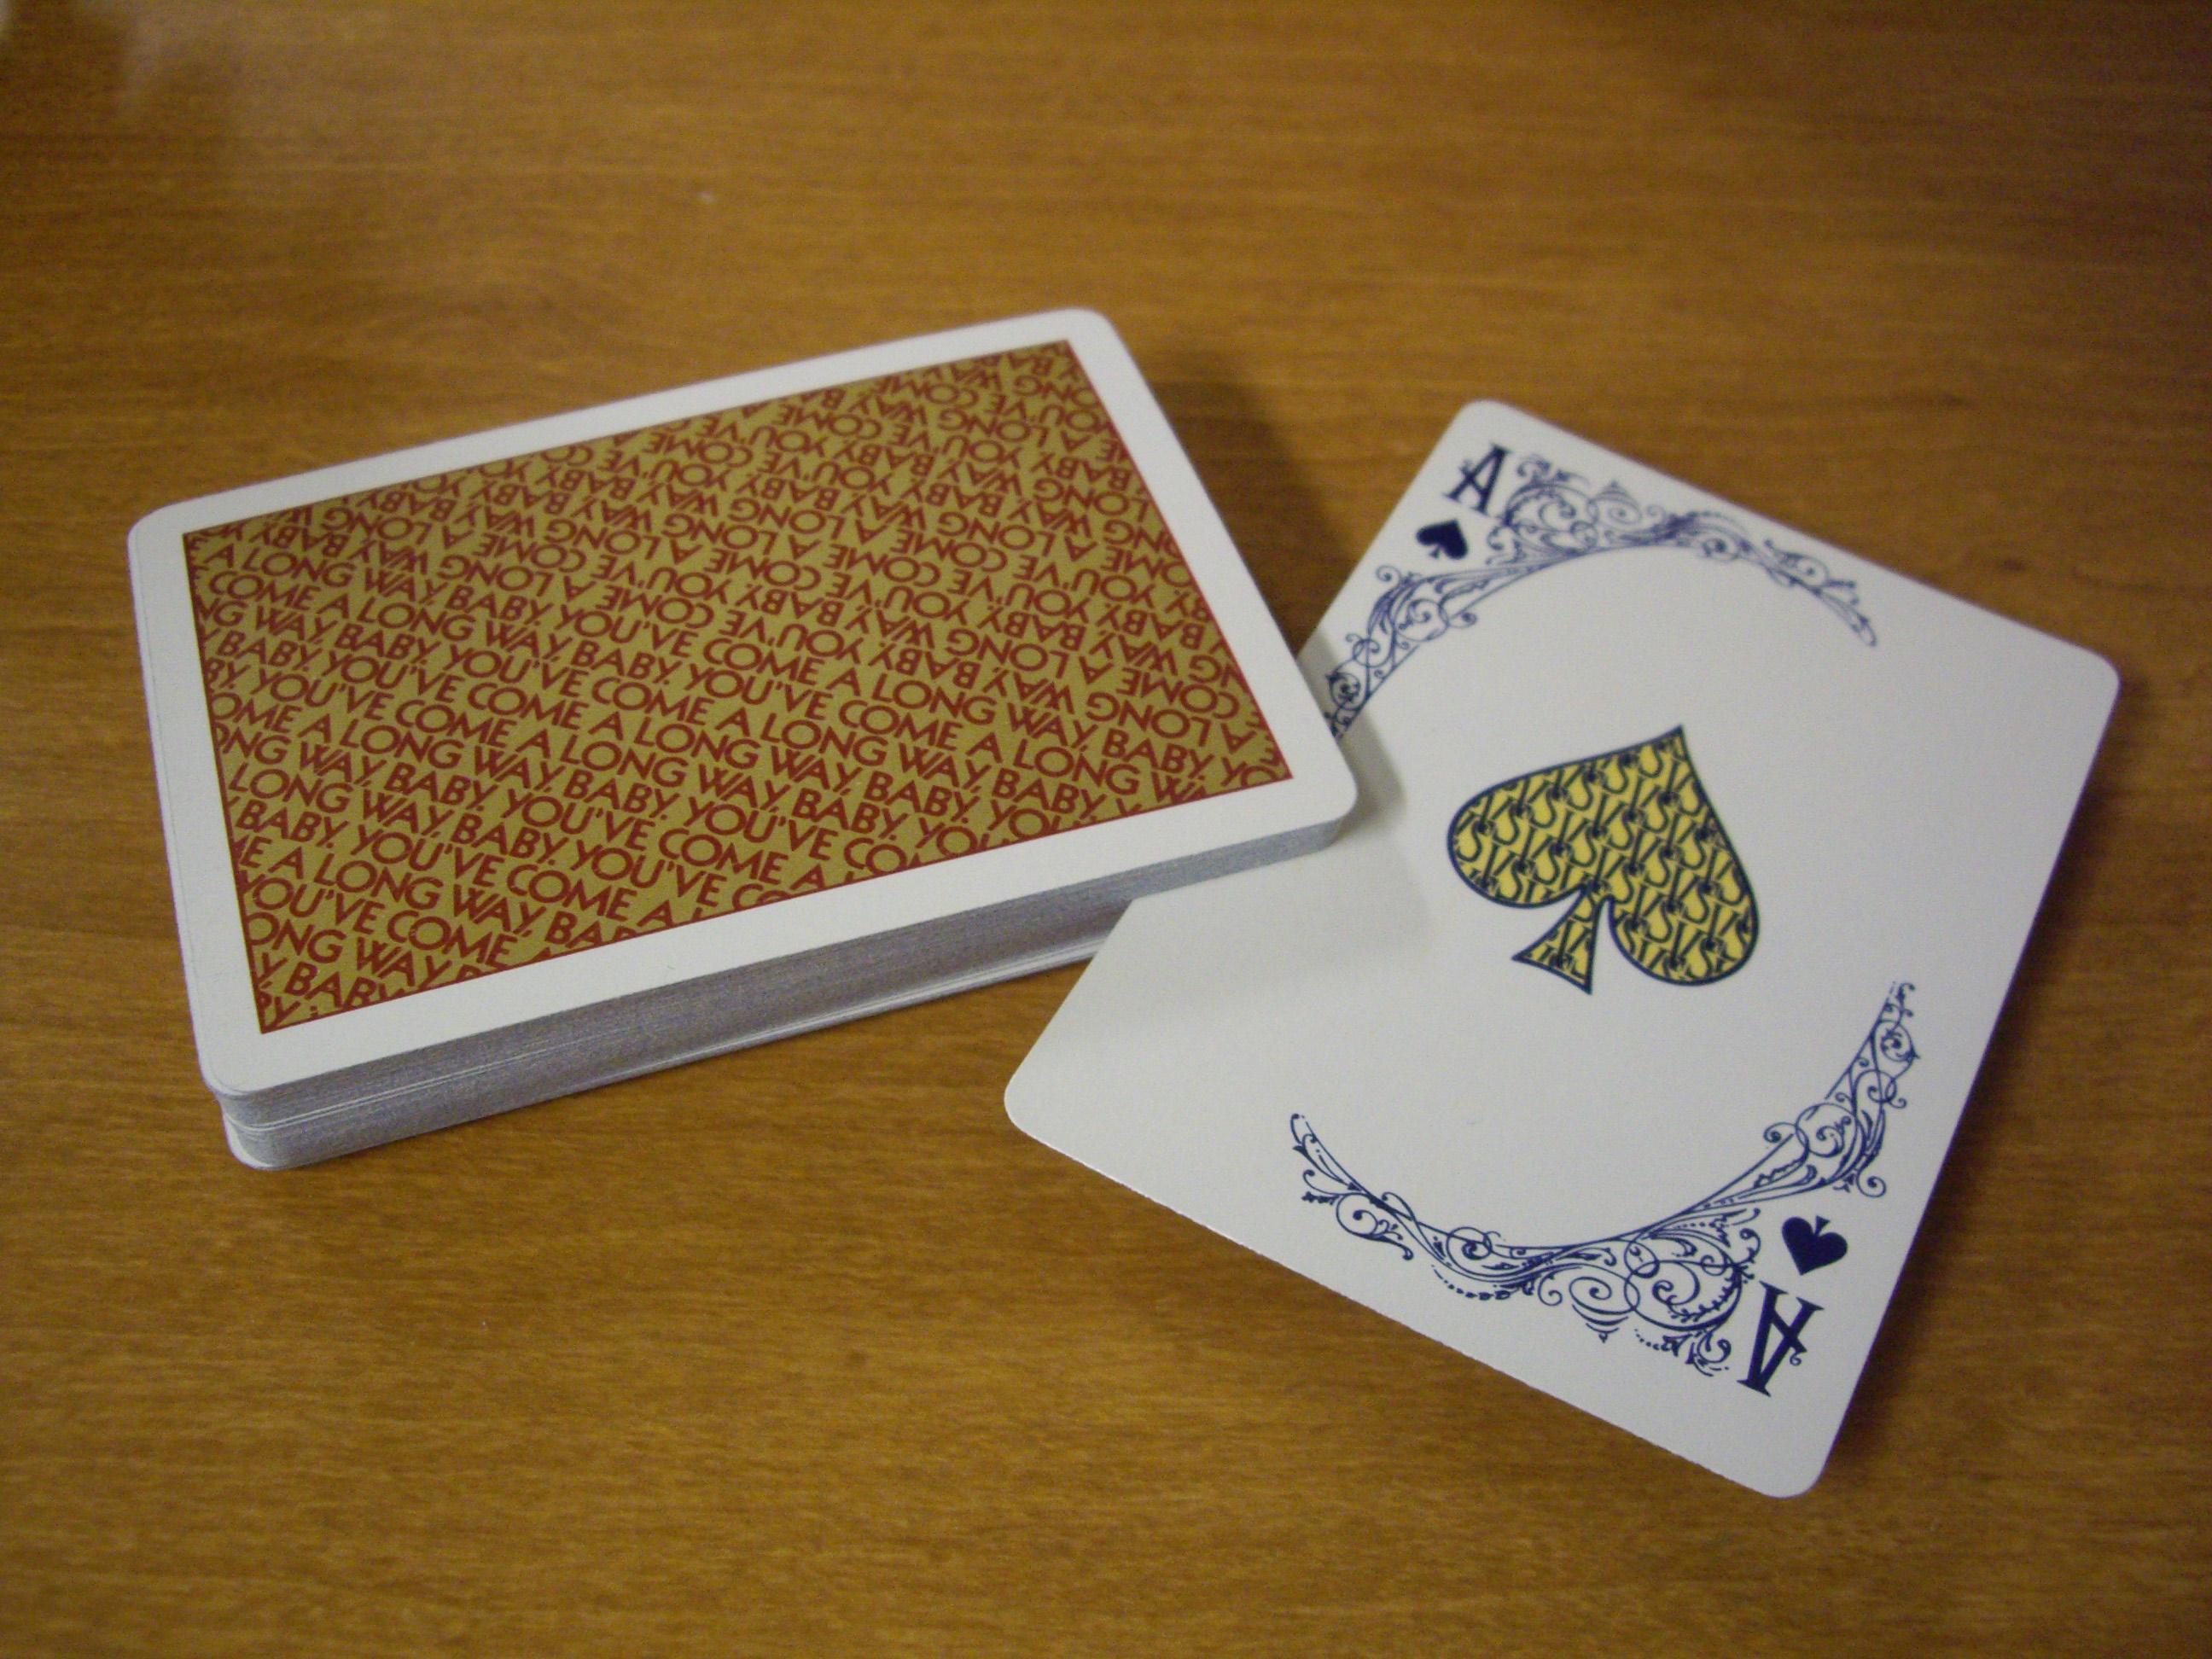 Virginia Slims : Ace of spades.